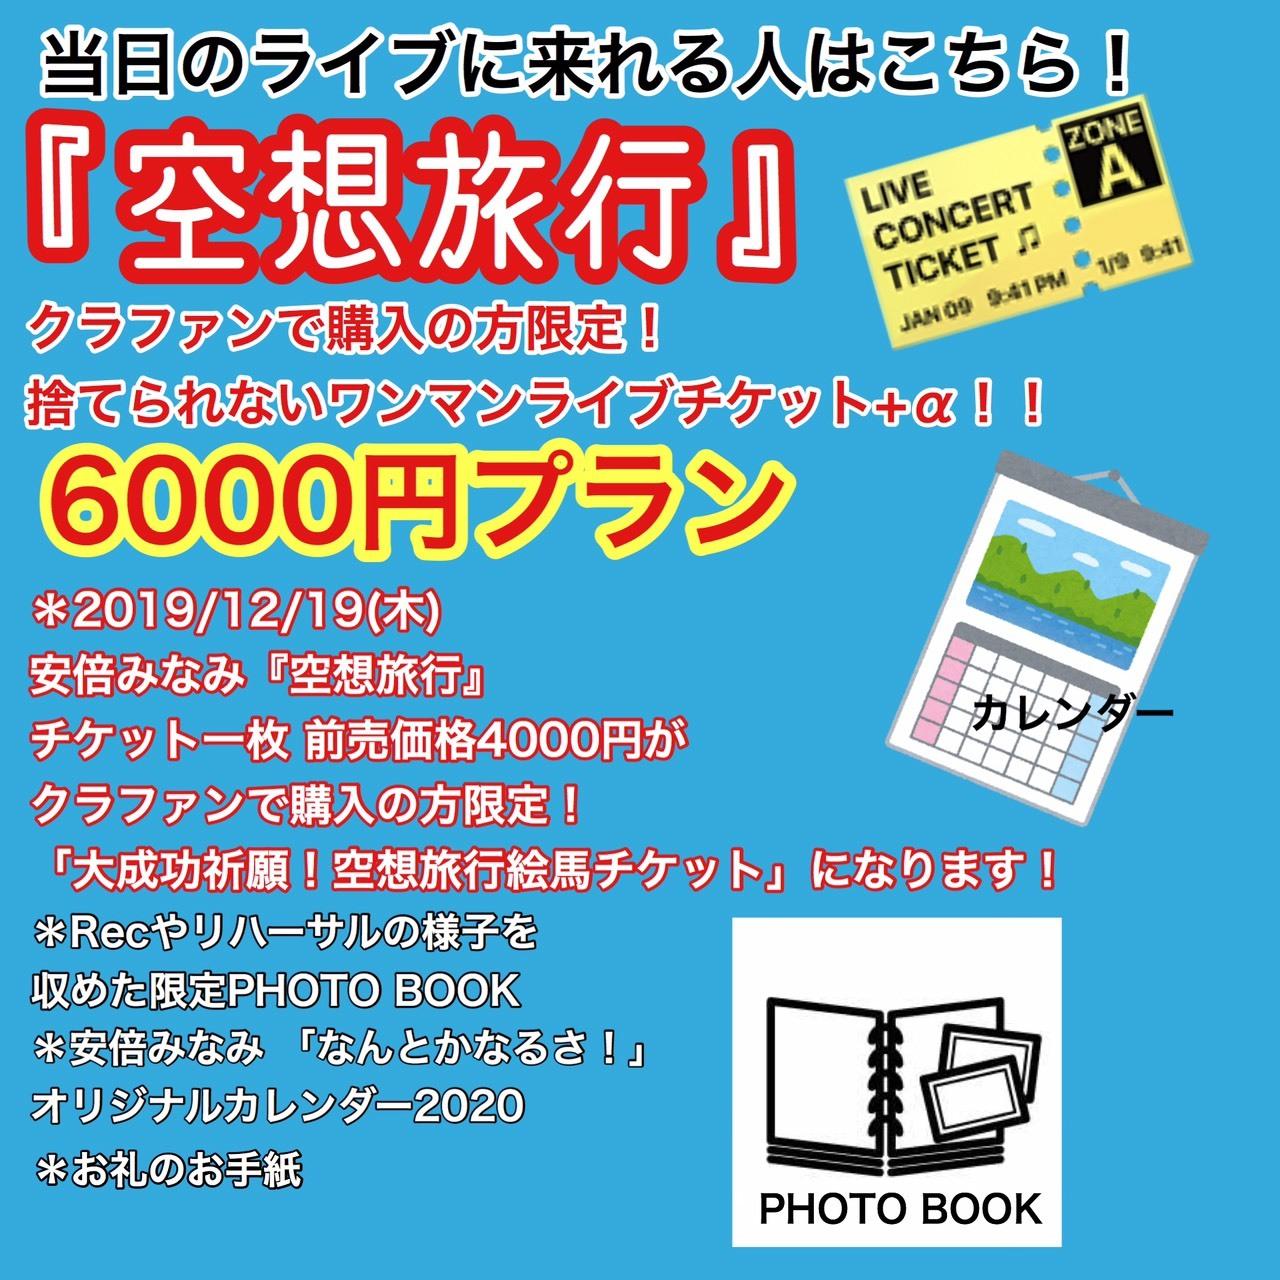 限定チケット+PHOTO BOOK+カレンダープラン